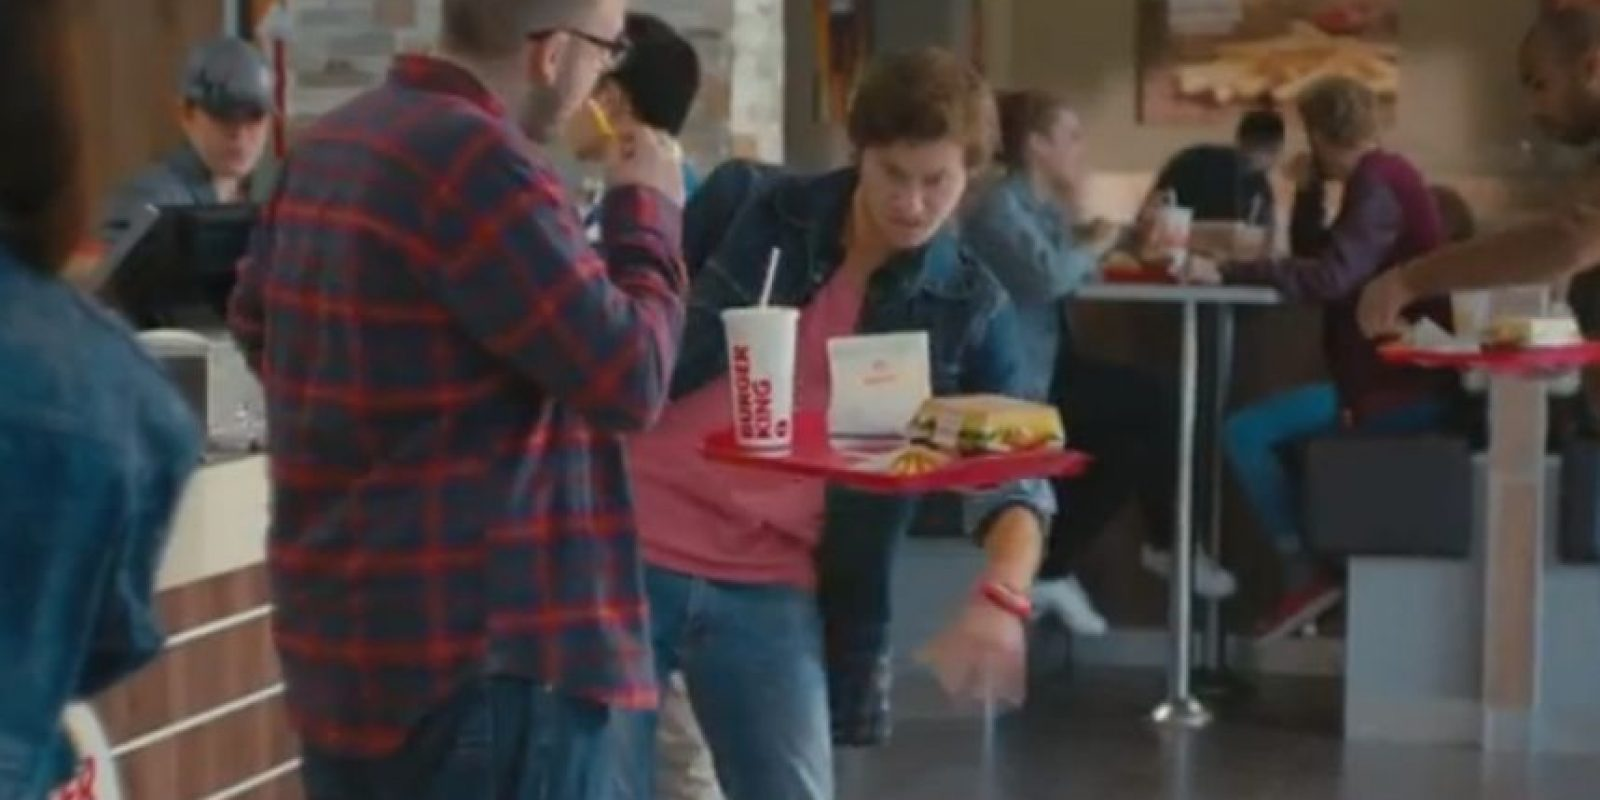 En 2010, para conmemorar los primeros veinticinco años del lanzamiento, la cinta original pasó por un proceso de remasterización con tal de ser estrenada de nuevo en algunas salas de cine de Reino Unido, Estados Unidos, Canadá y México. Foto:Vía Youtube Burger King France